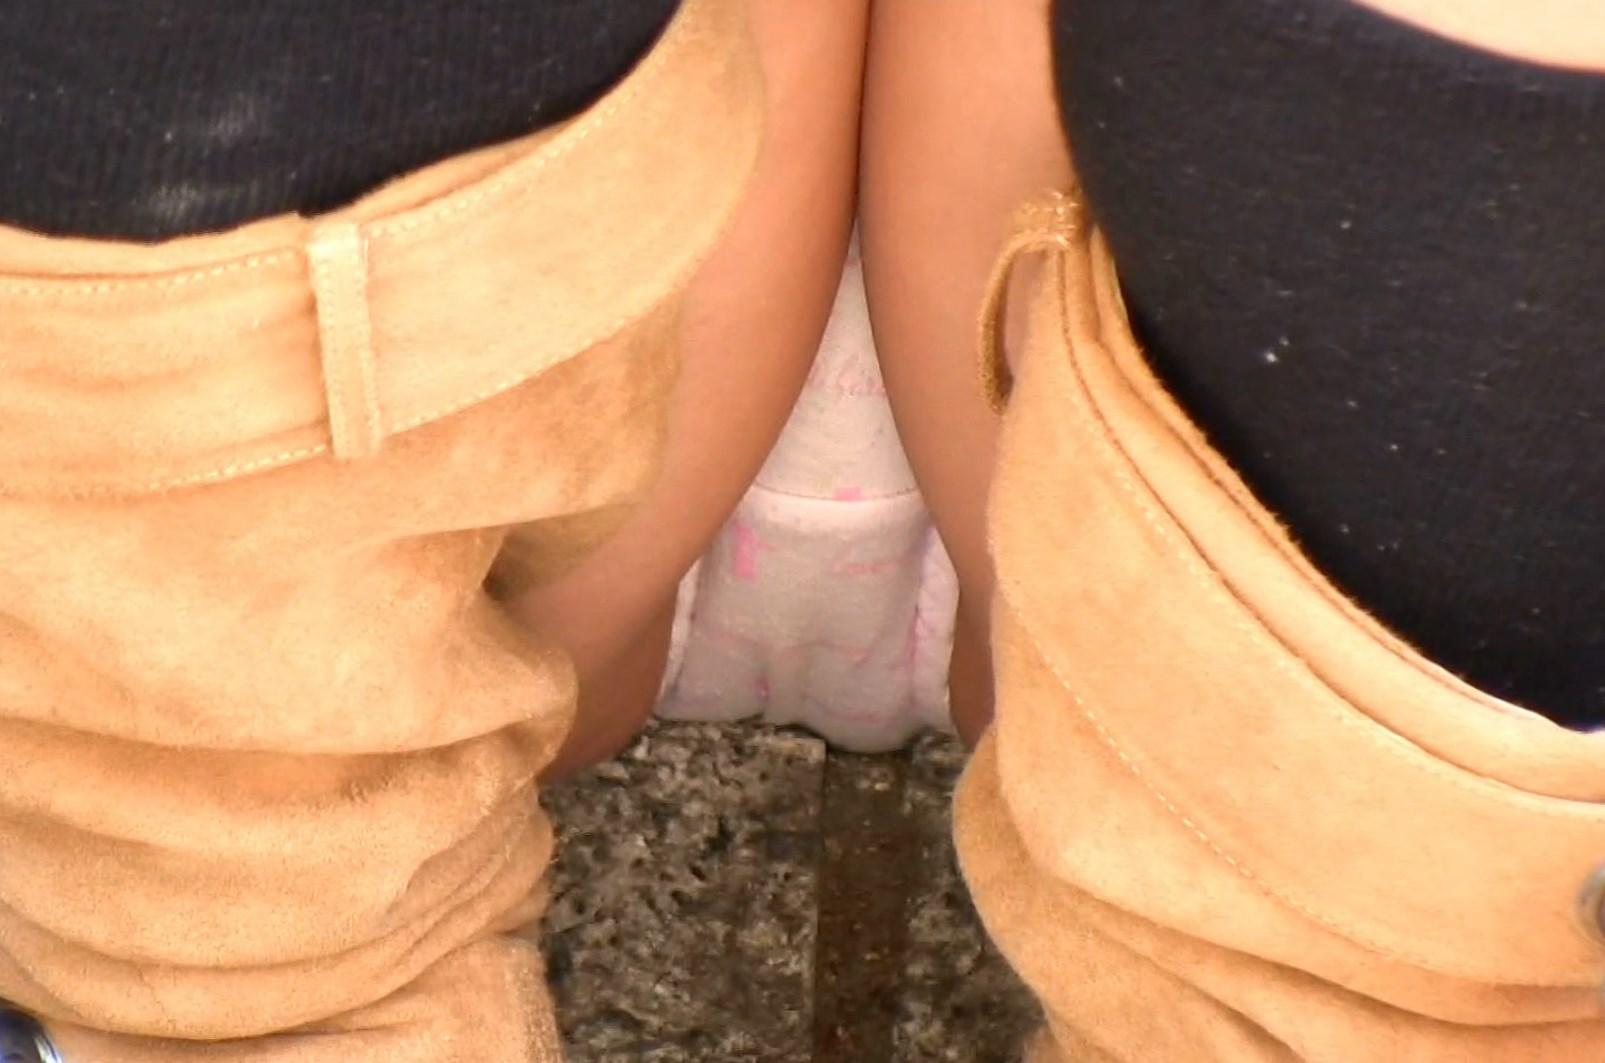 JC・JKのスカートの中は⁉画像つき詳細レビュー